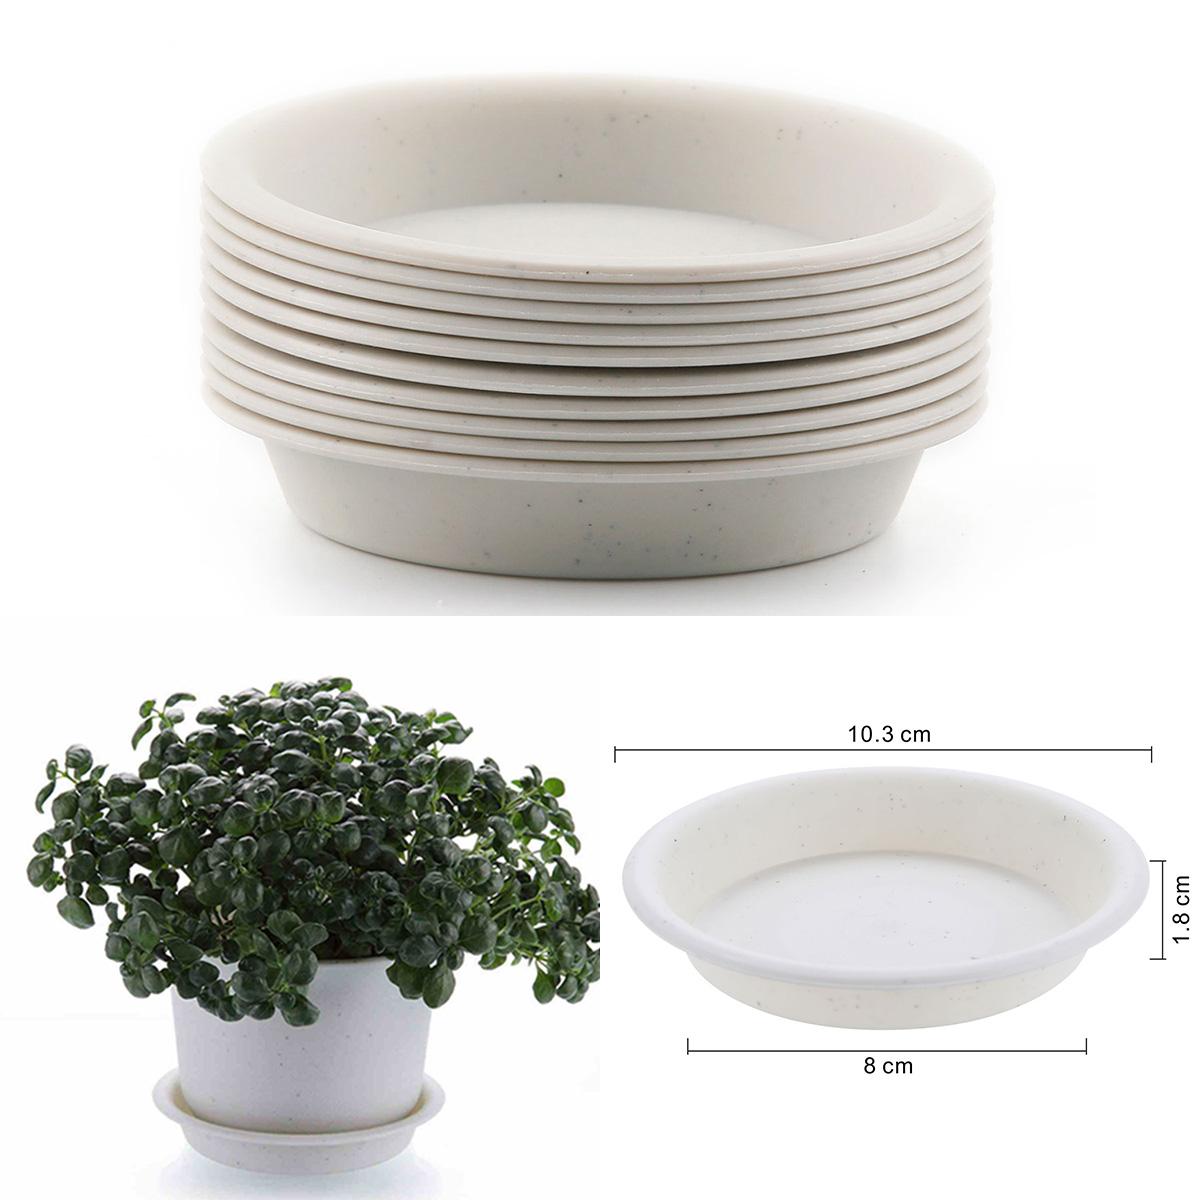 225 & Details about 10Pcs Beige 4 inch Plastic Round Succulent Plants Flower Pot Saucer Trays T4U